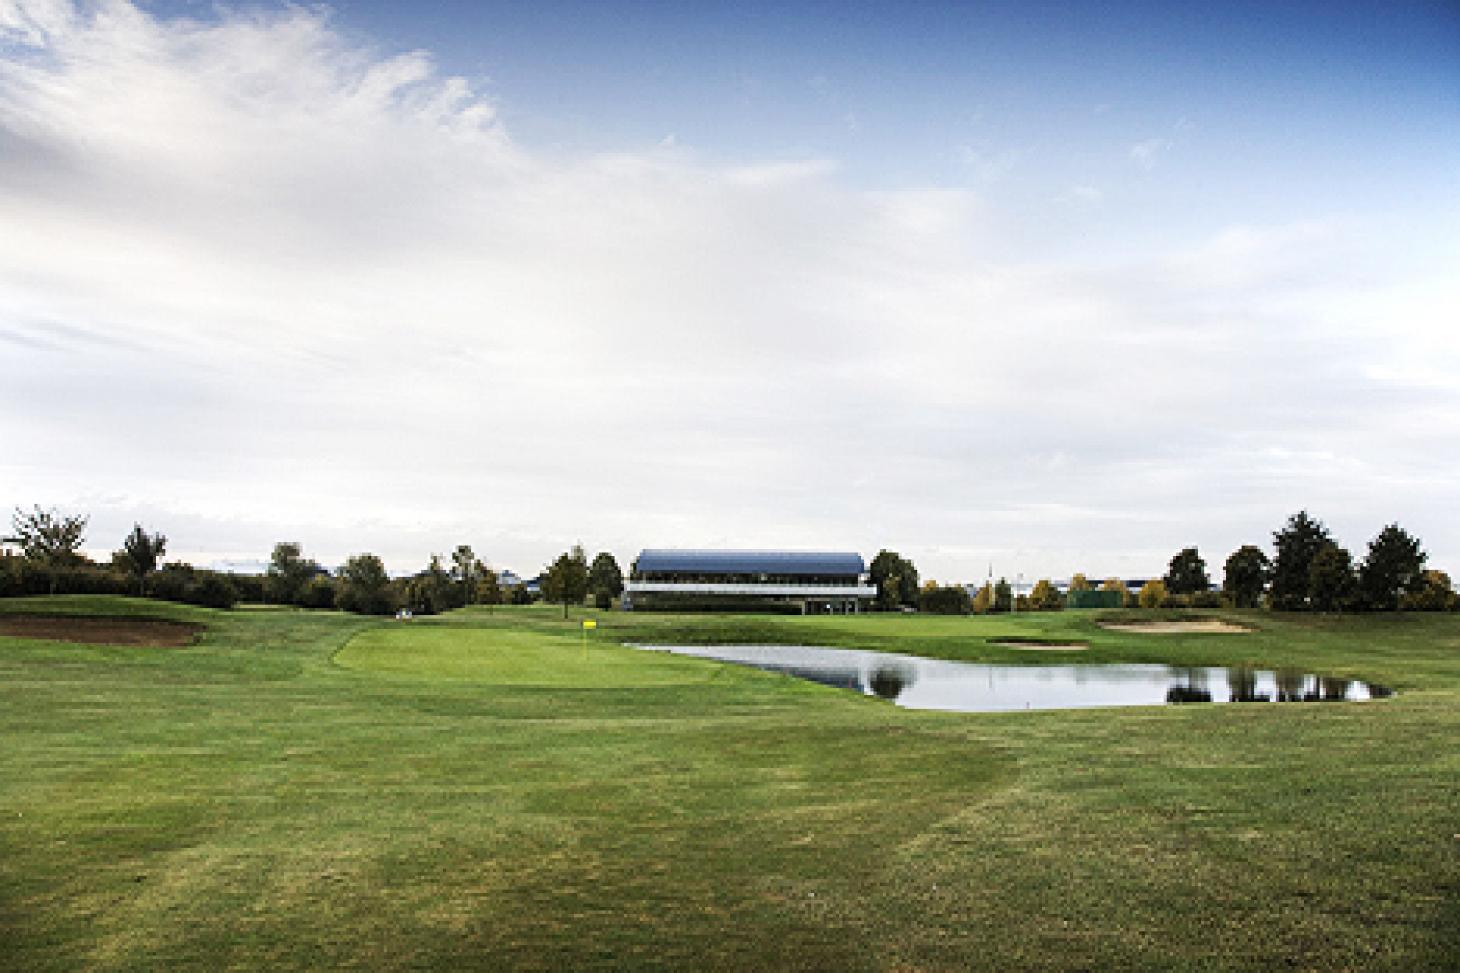 Stockley Park 18 hole golf course